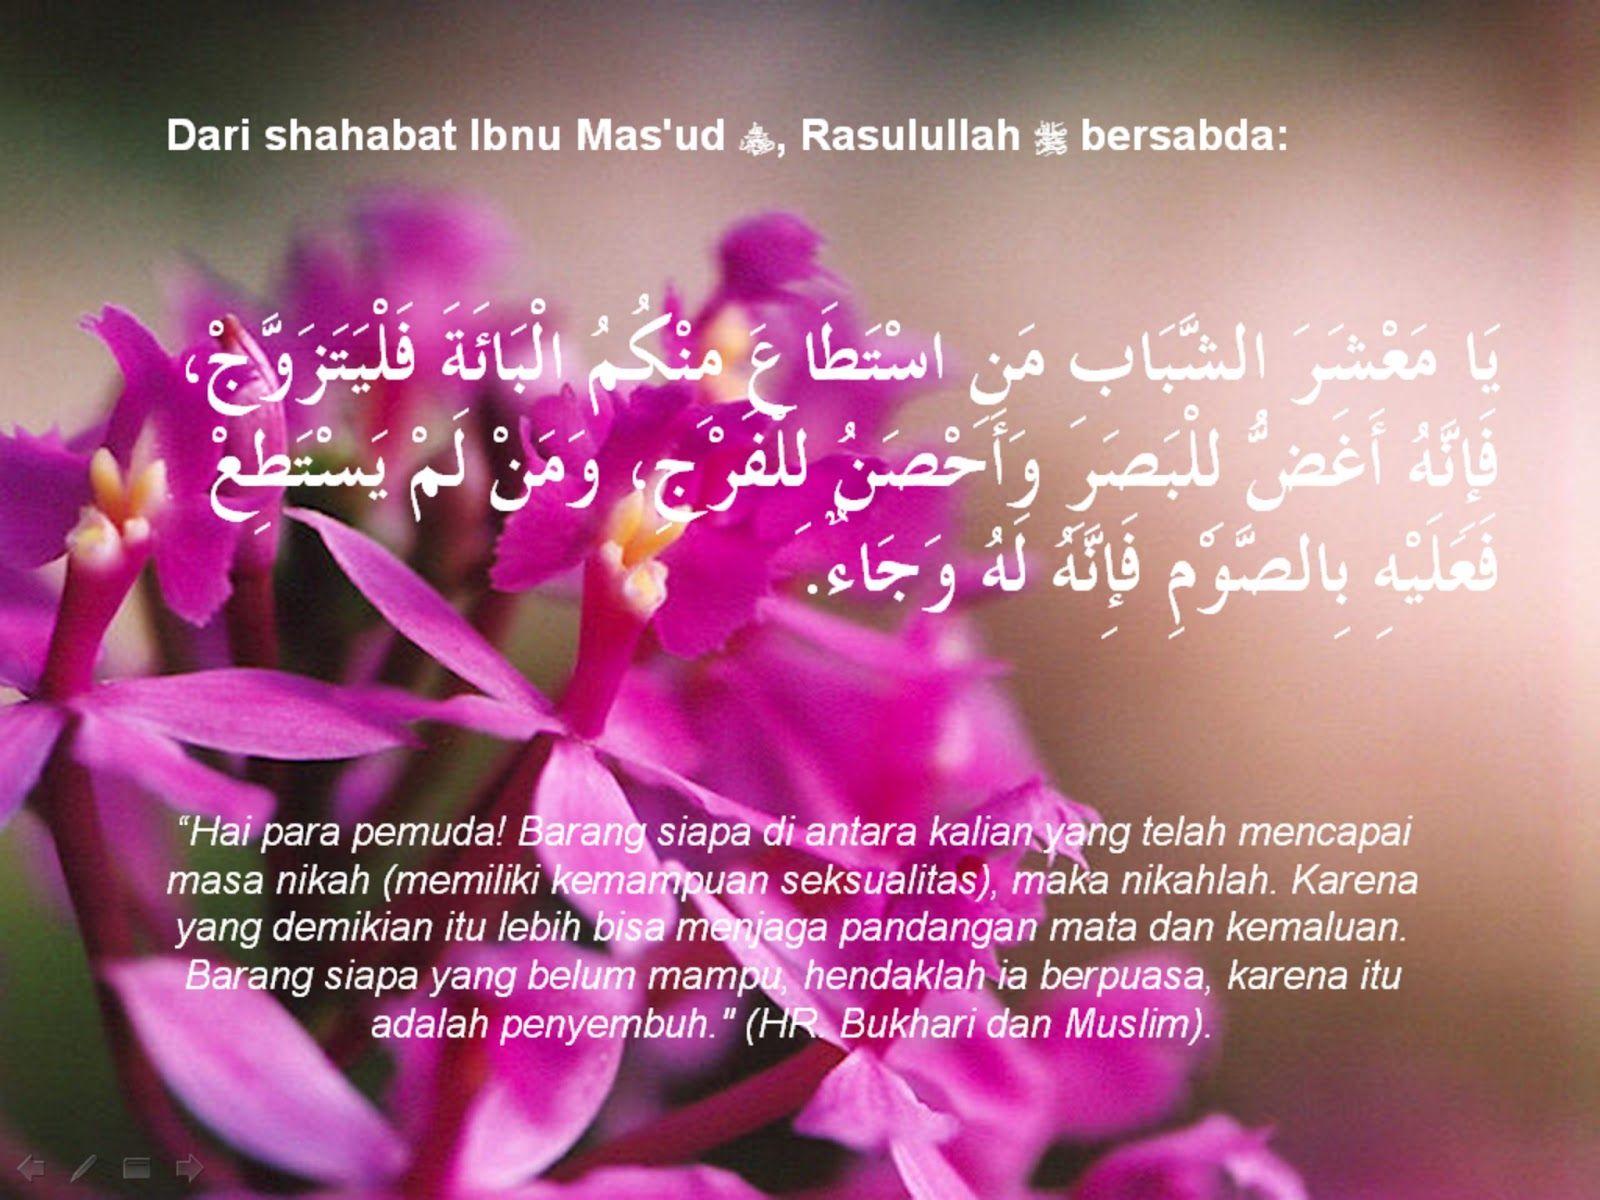 Kata Kata Mutiara Islam Tentang Nikah Ragam Muslim Kata Kata Mutiara Mutiara Gambar